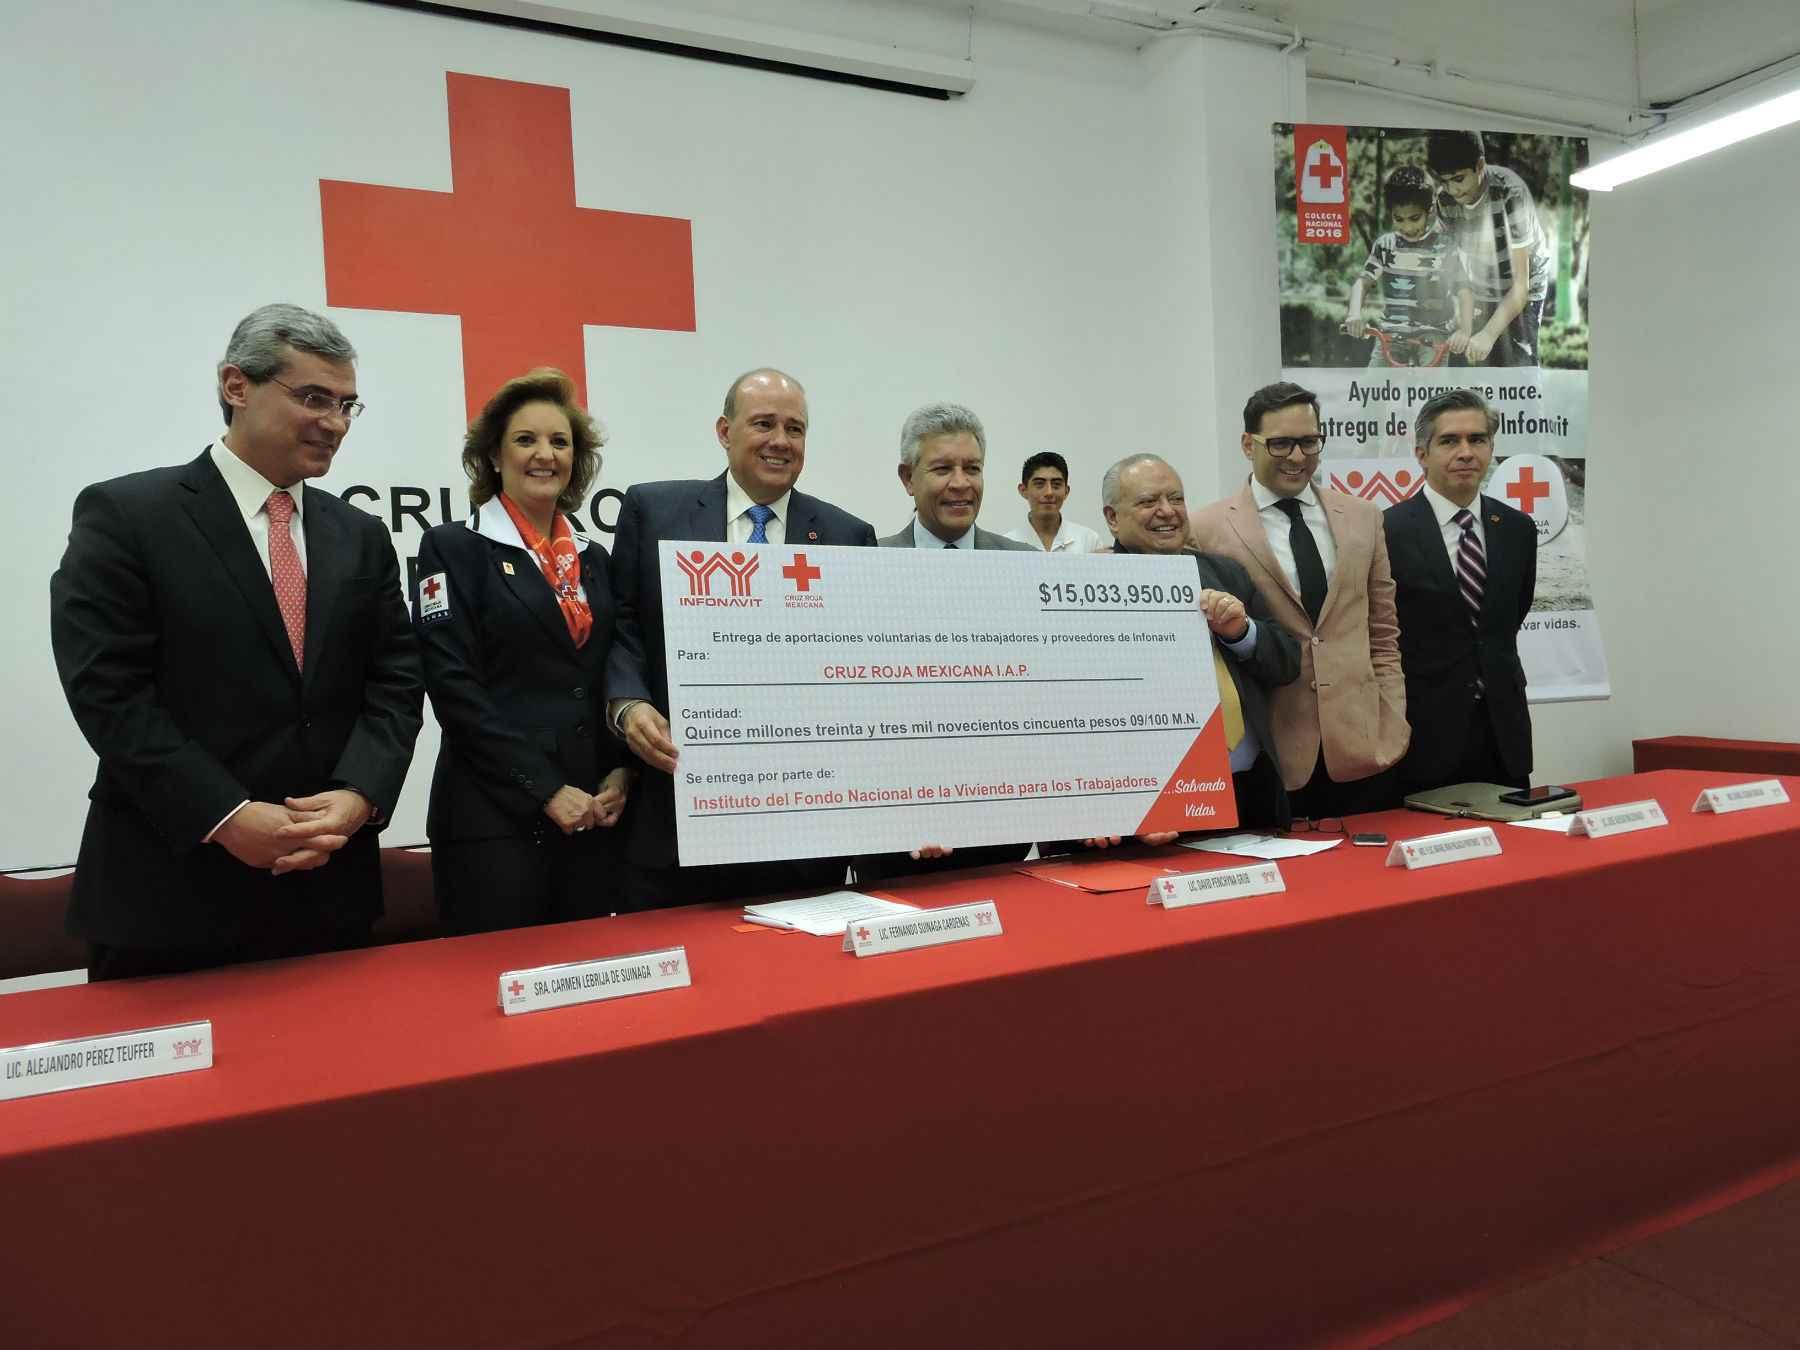 Infonavit entregó 15 mdp a la Cruz Roja Mexicana